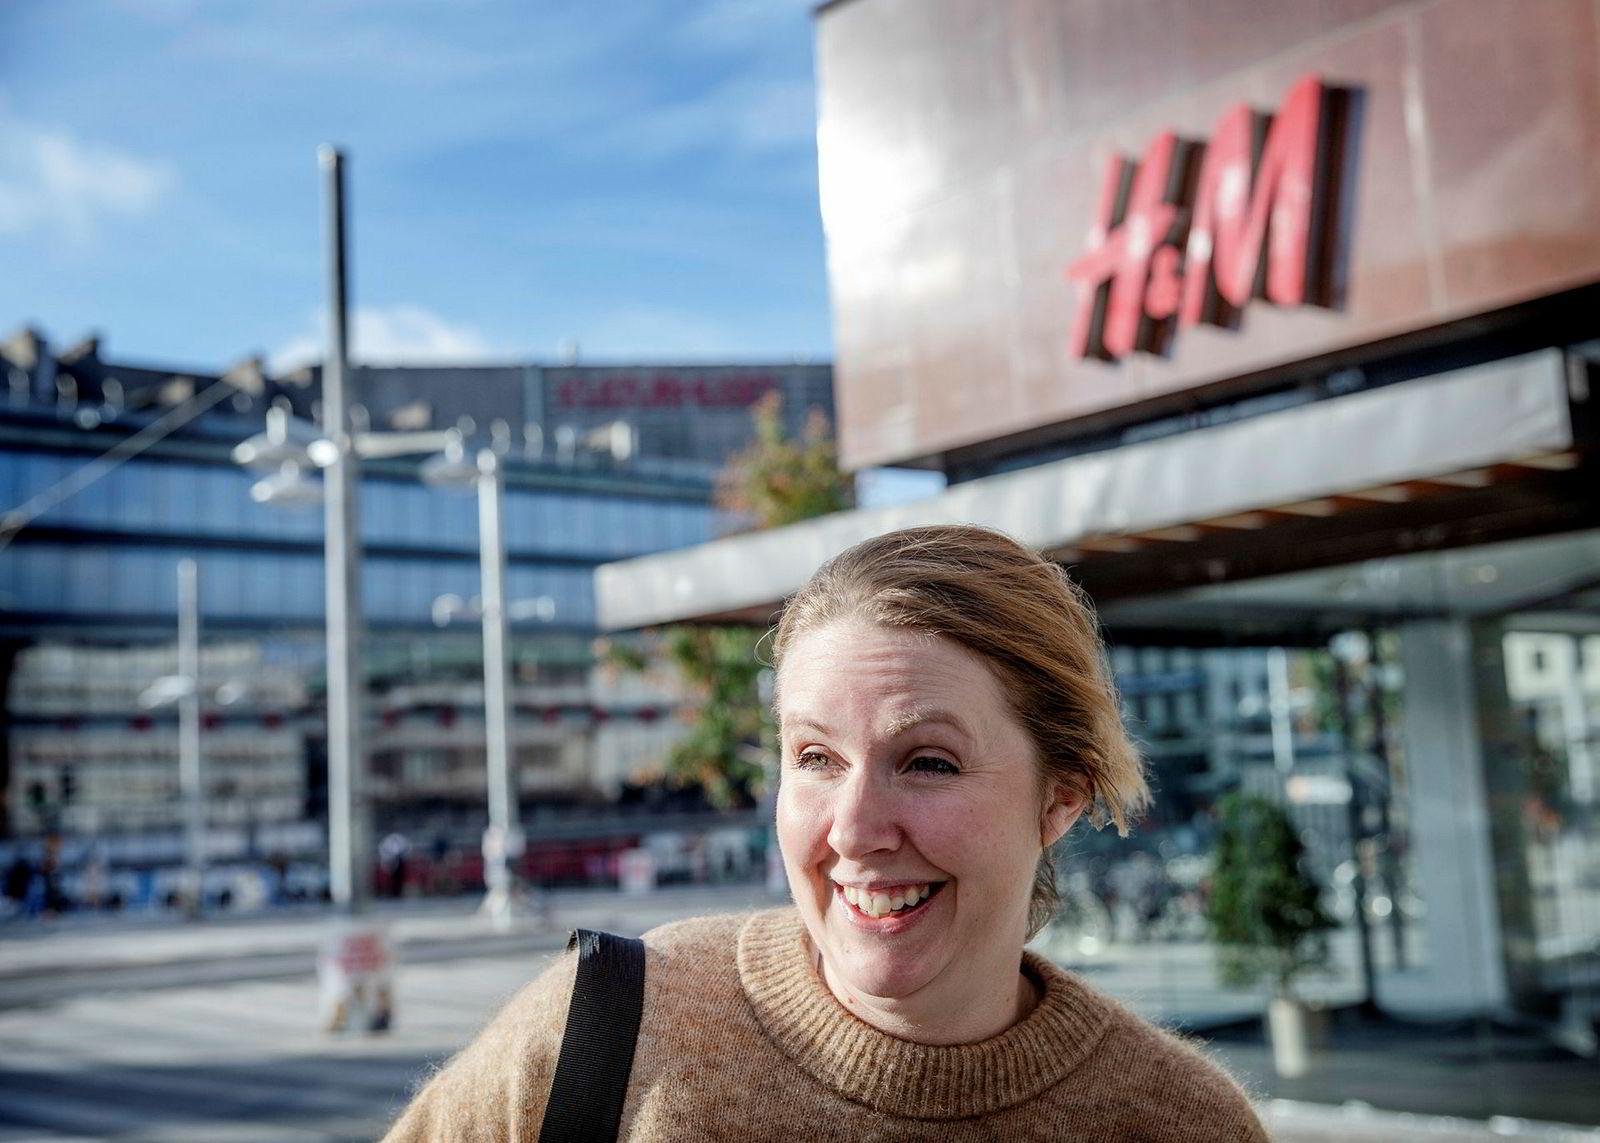 Hanna Rosengren (32) stemte på Socialdemokraterna, og hun er fornøyd med at partiets oppslutning tross alt falt mindre enn ventet.